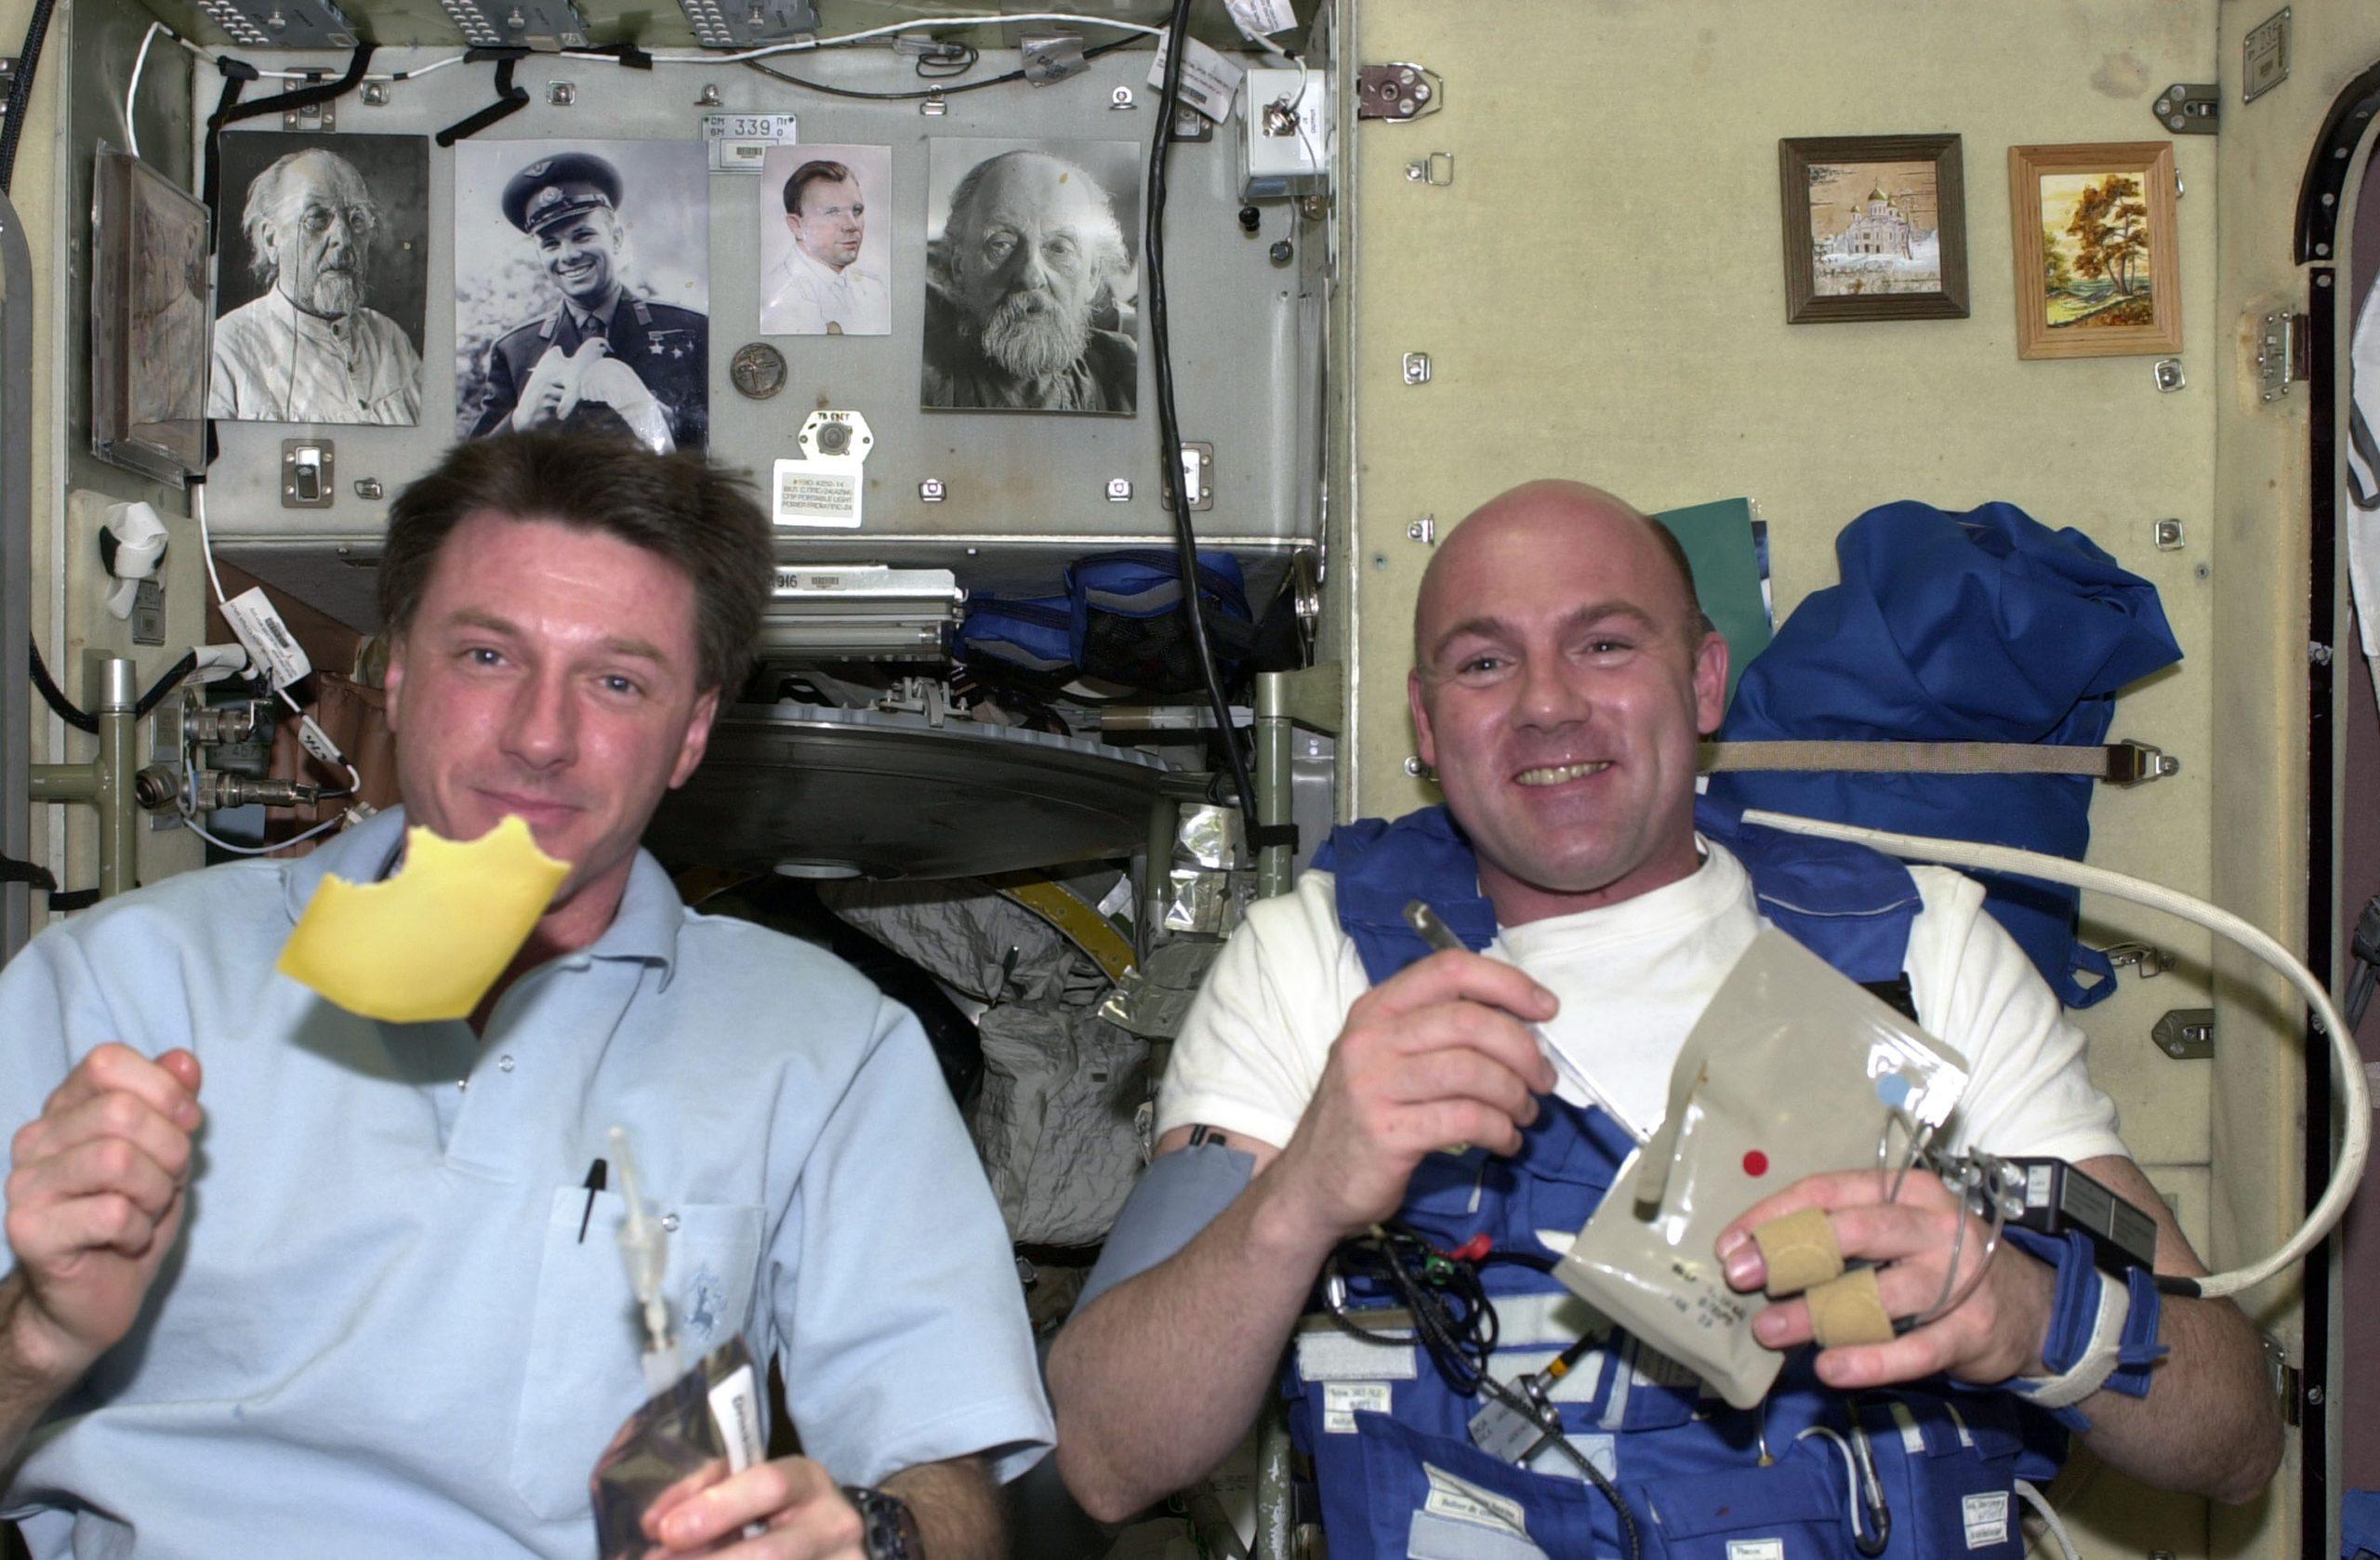 ¡De otro planeta! Así es como van al baño los astronautas de la Estación Espacial Internacional